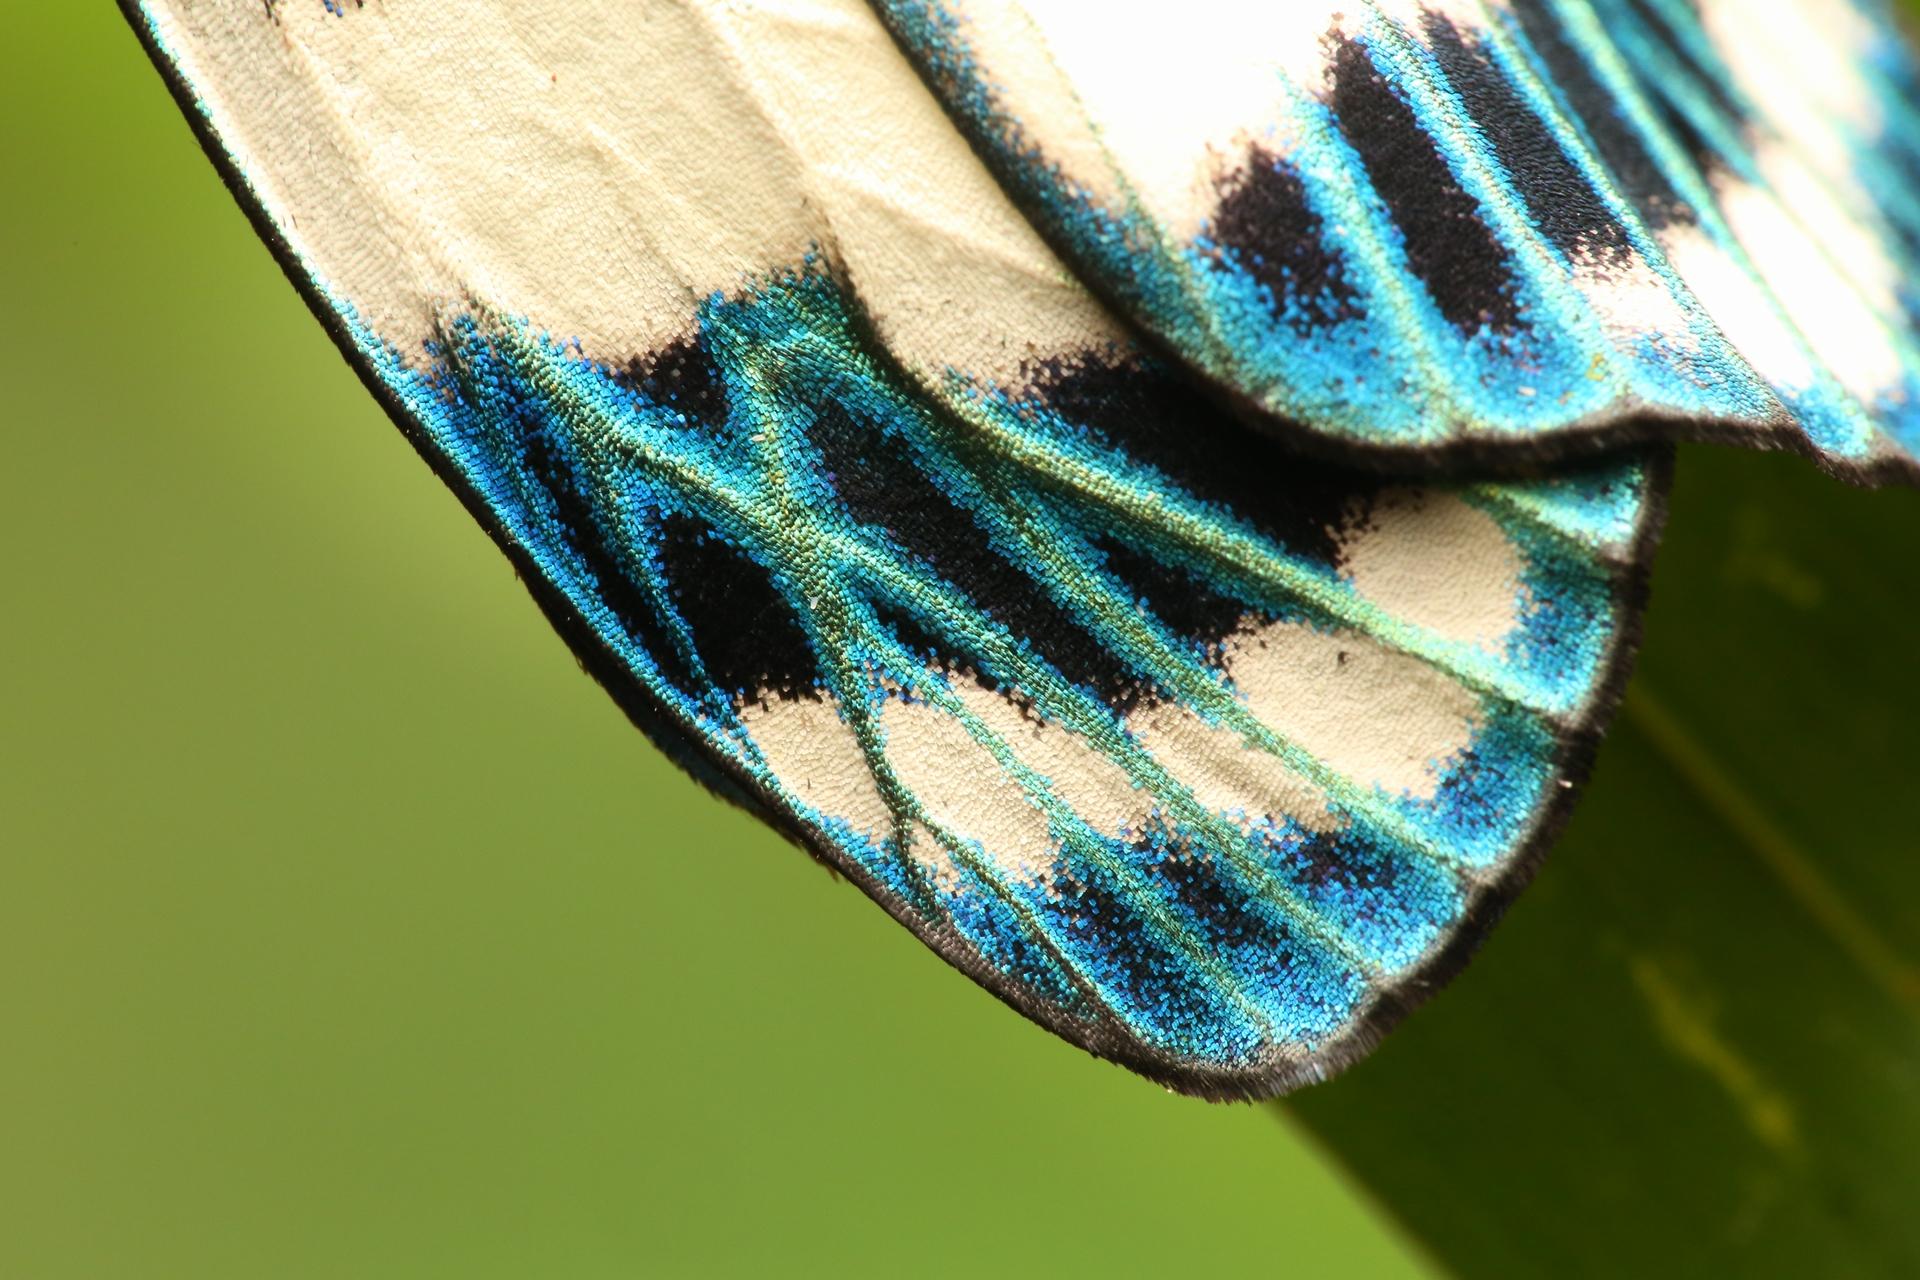 蝶蛾類身上都有美麗的衣裳(翅膀)。(光輝螢斑蛾),攝影|黃仕傑